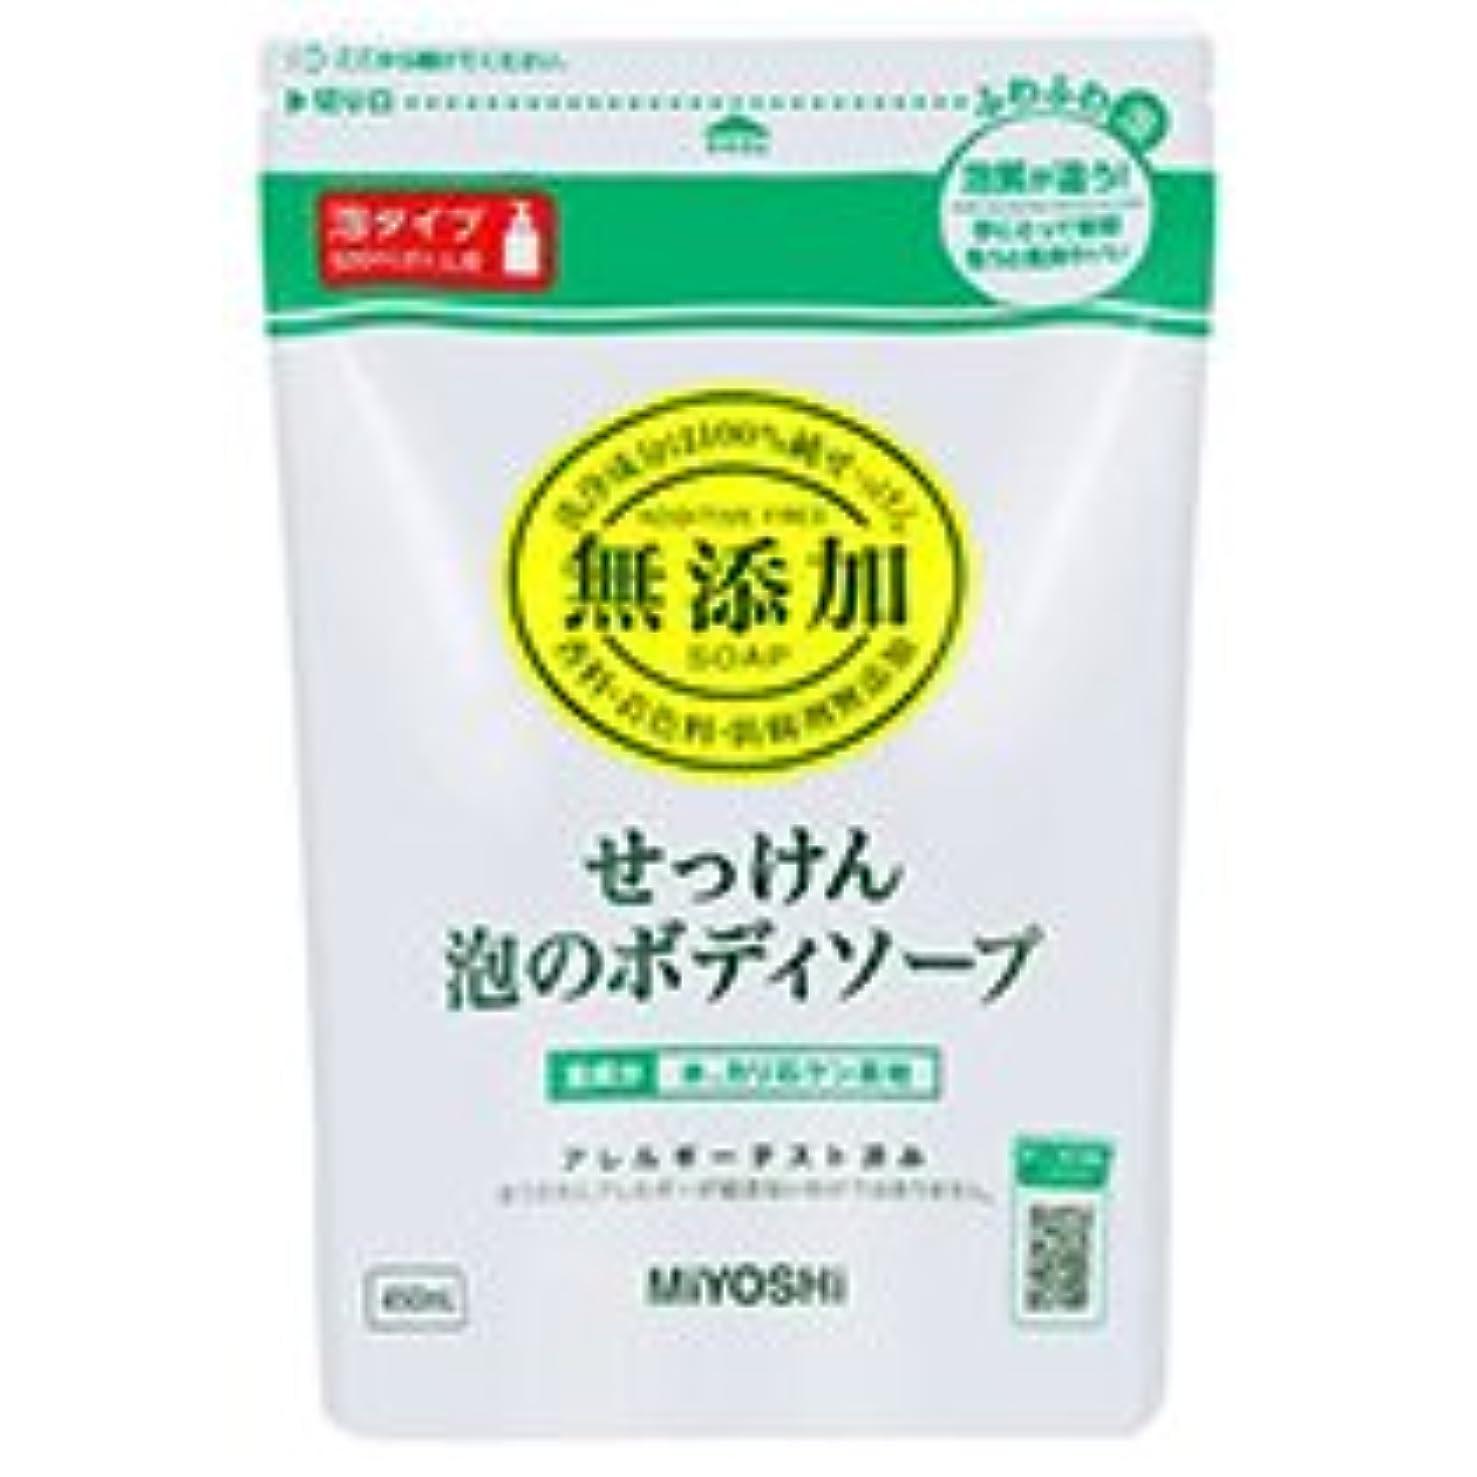 同意する冷ややかな合併症ミヨシ石鹸 無添加せっけん 泡のボディソープ 詰替用 450ml 1個